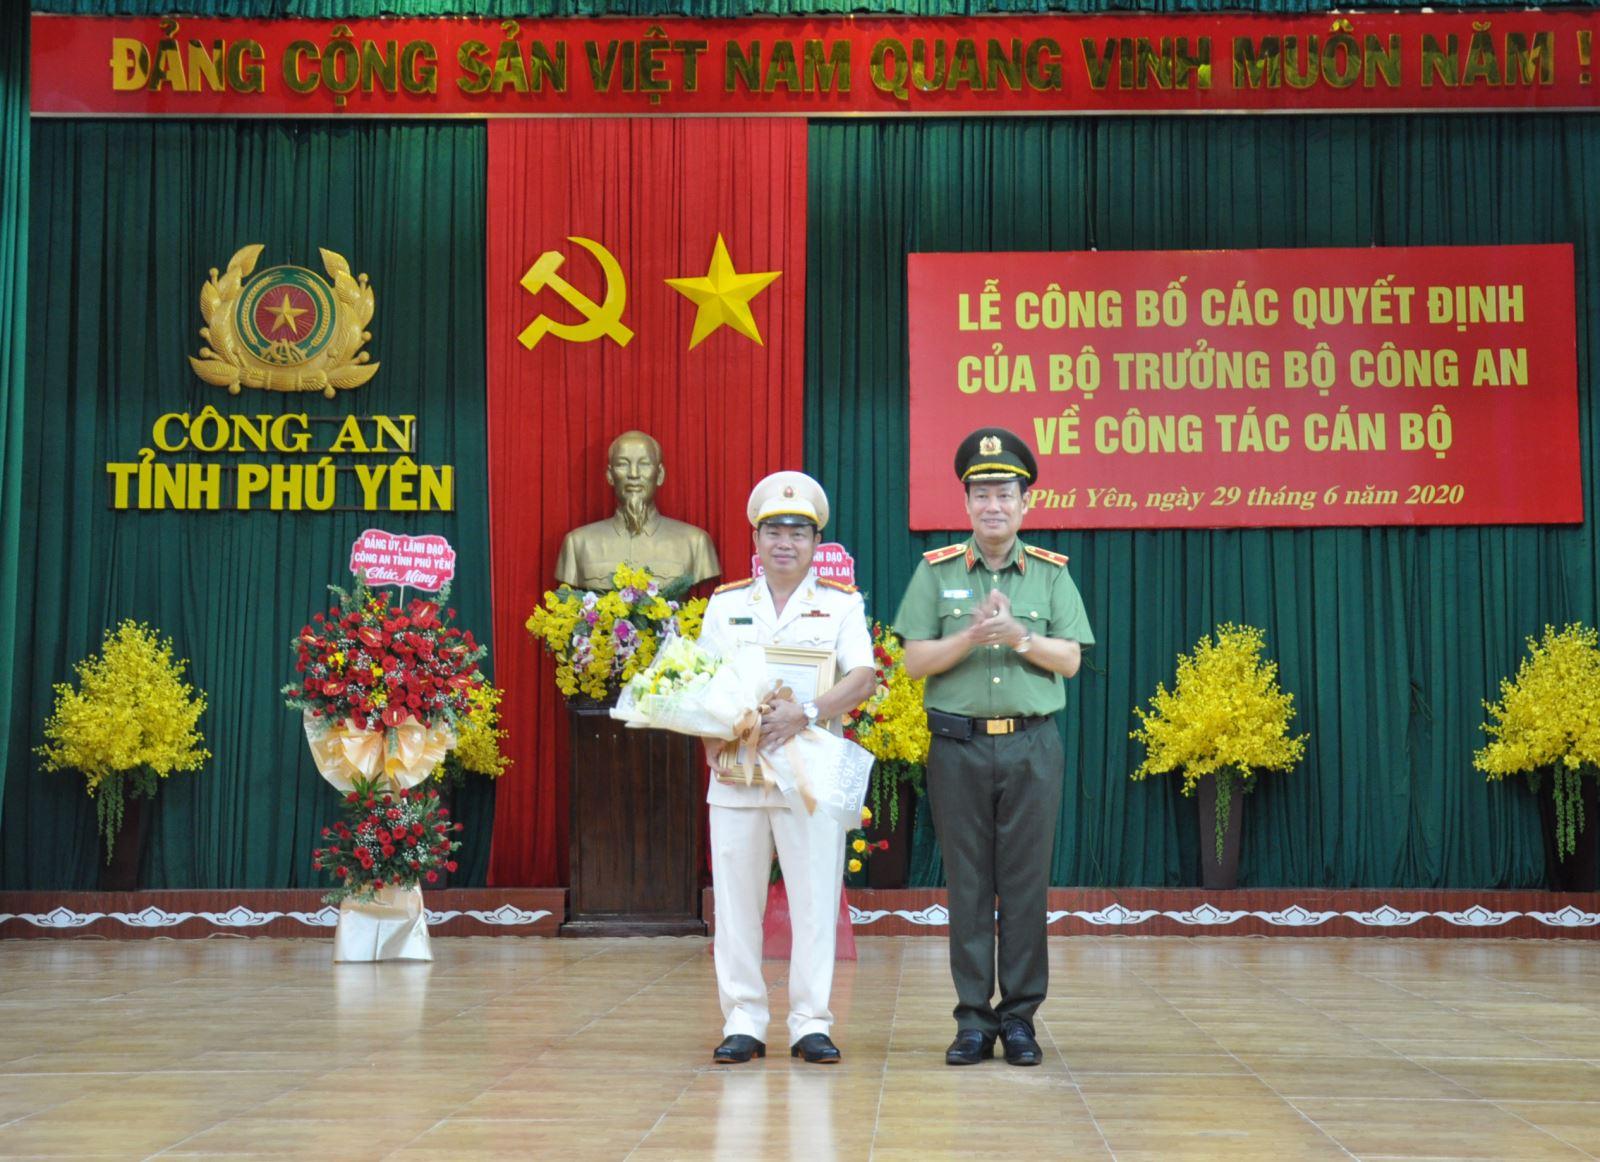 Ông Pham Thanh Tám được bổ nhiệm làm Giám đốc Công an tỉnh Phú Yên - Ảnh 1.